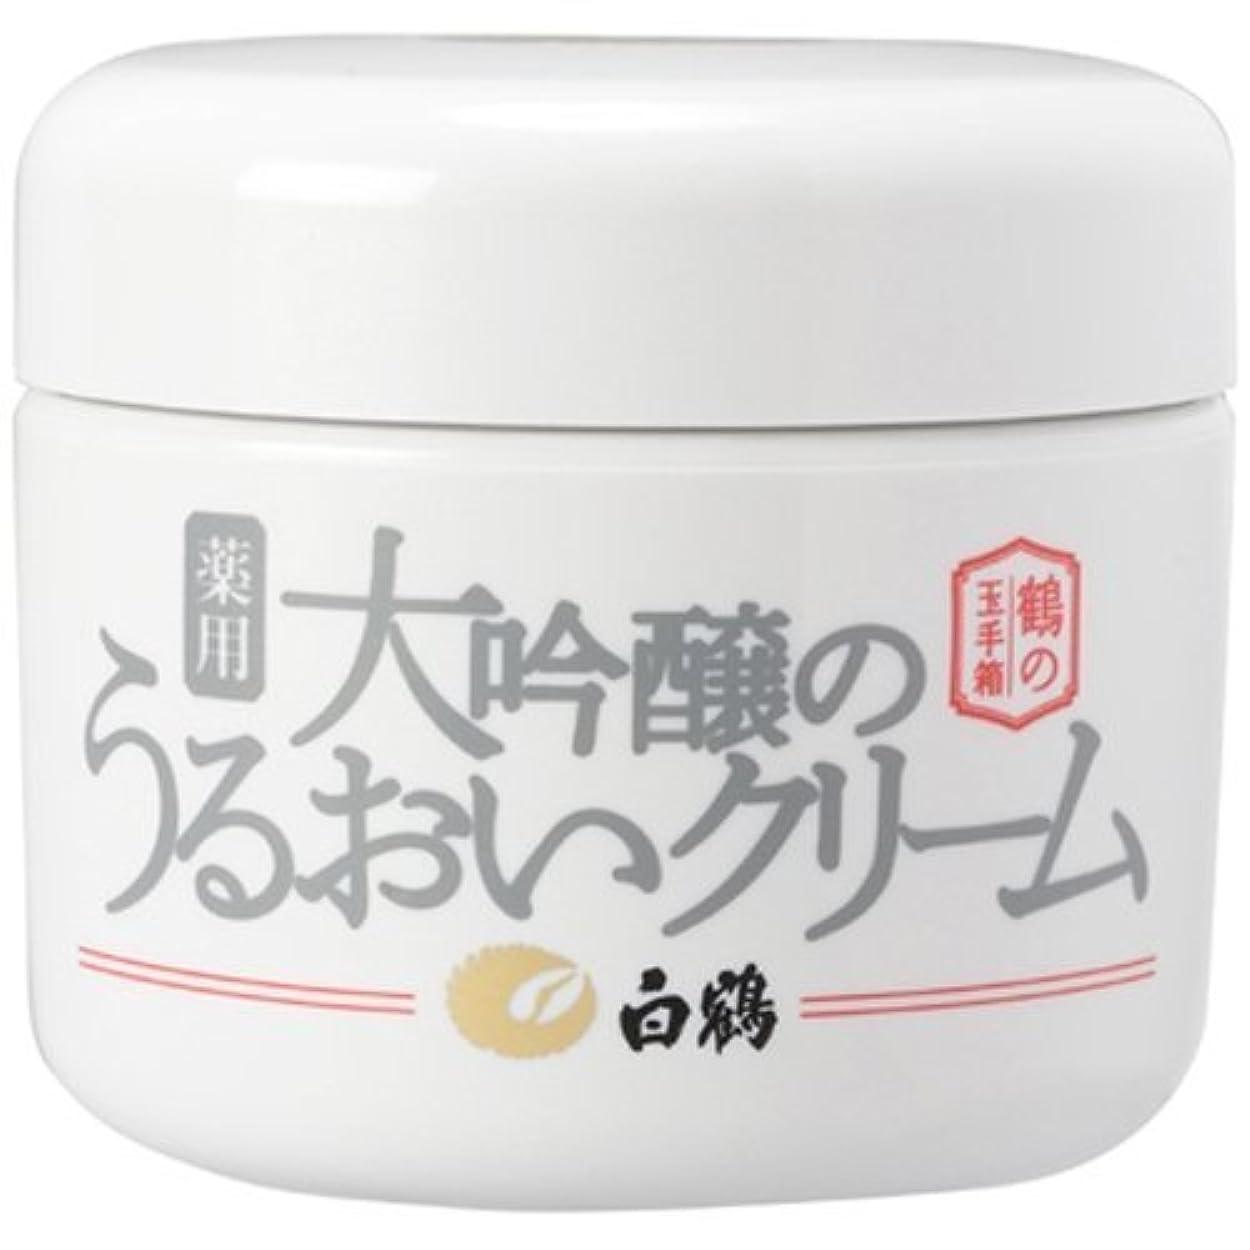 ワーム名誉木白鶴 鶴の玉手箱 薬用 大吟醸のうるおいクリーム 90g (オールインワン/医薬部外品)